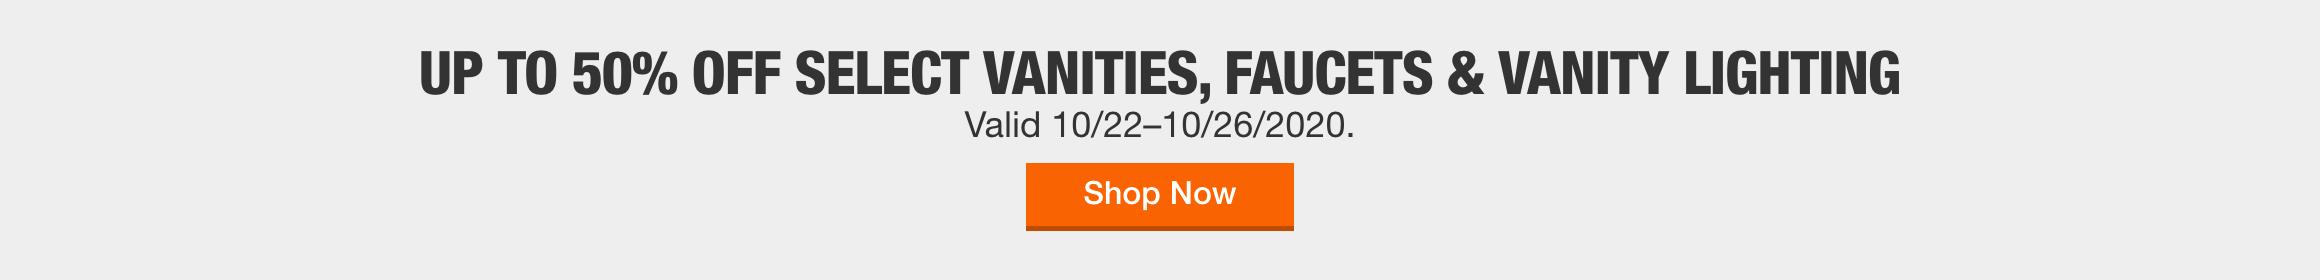 Up to 50% off Select Vanities, Faucets & Vanity Lighting